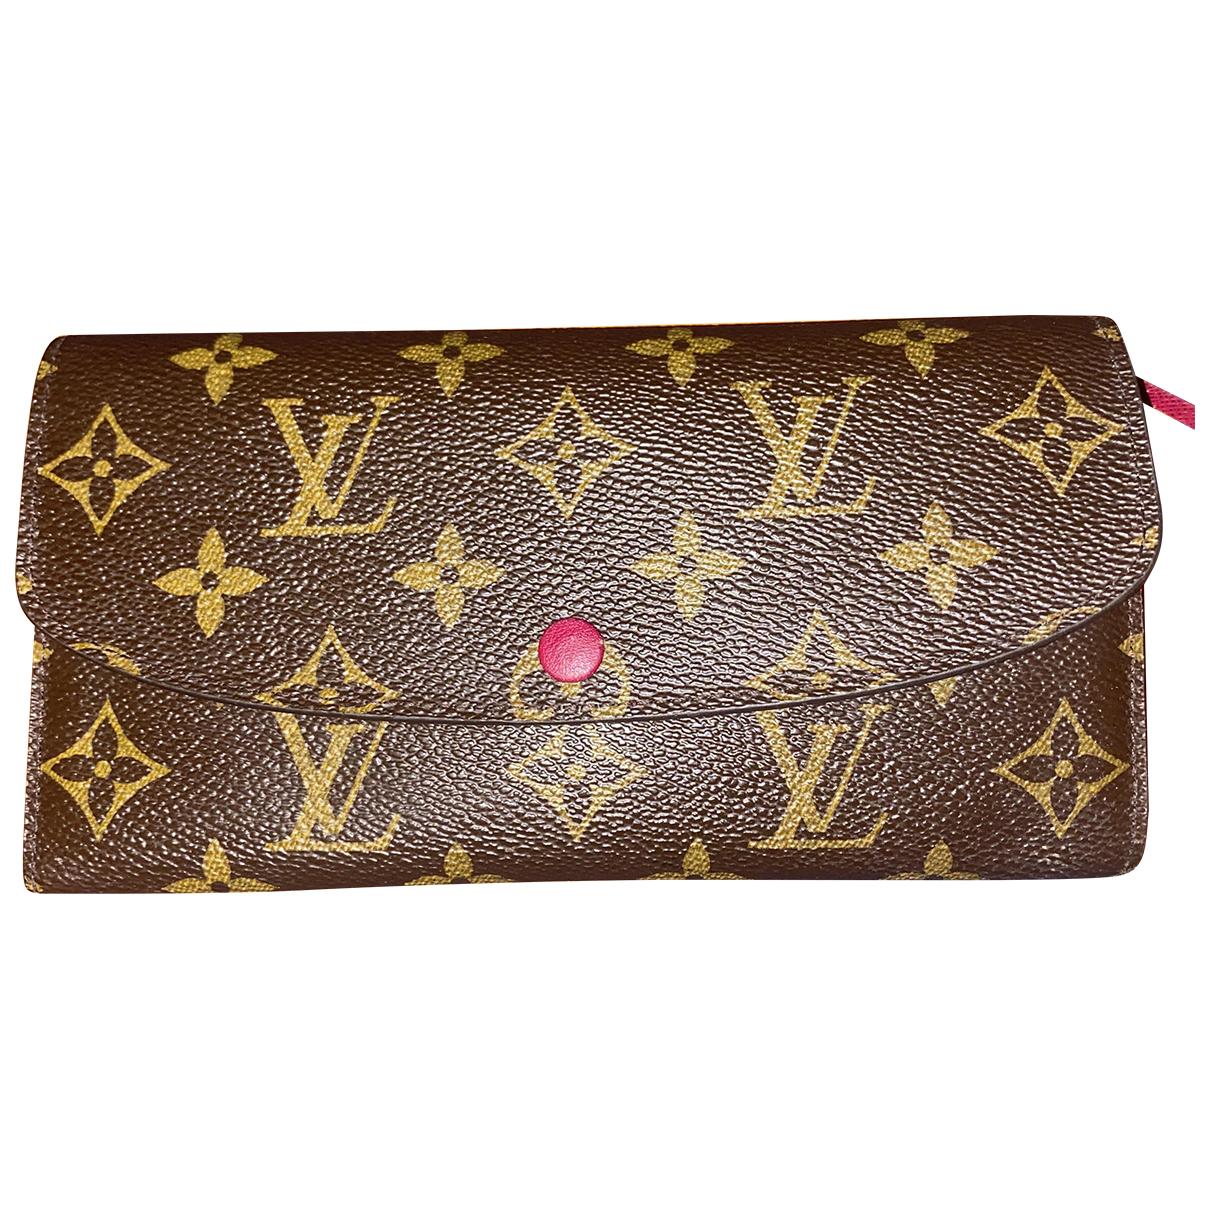 Louis Vuitton - Portefeuille Emilie pour femme en toile - beige